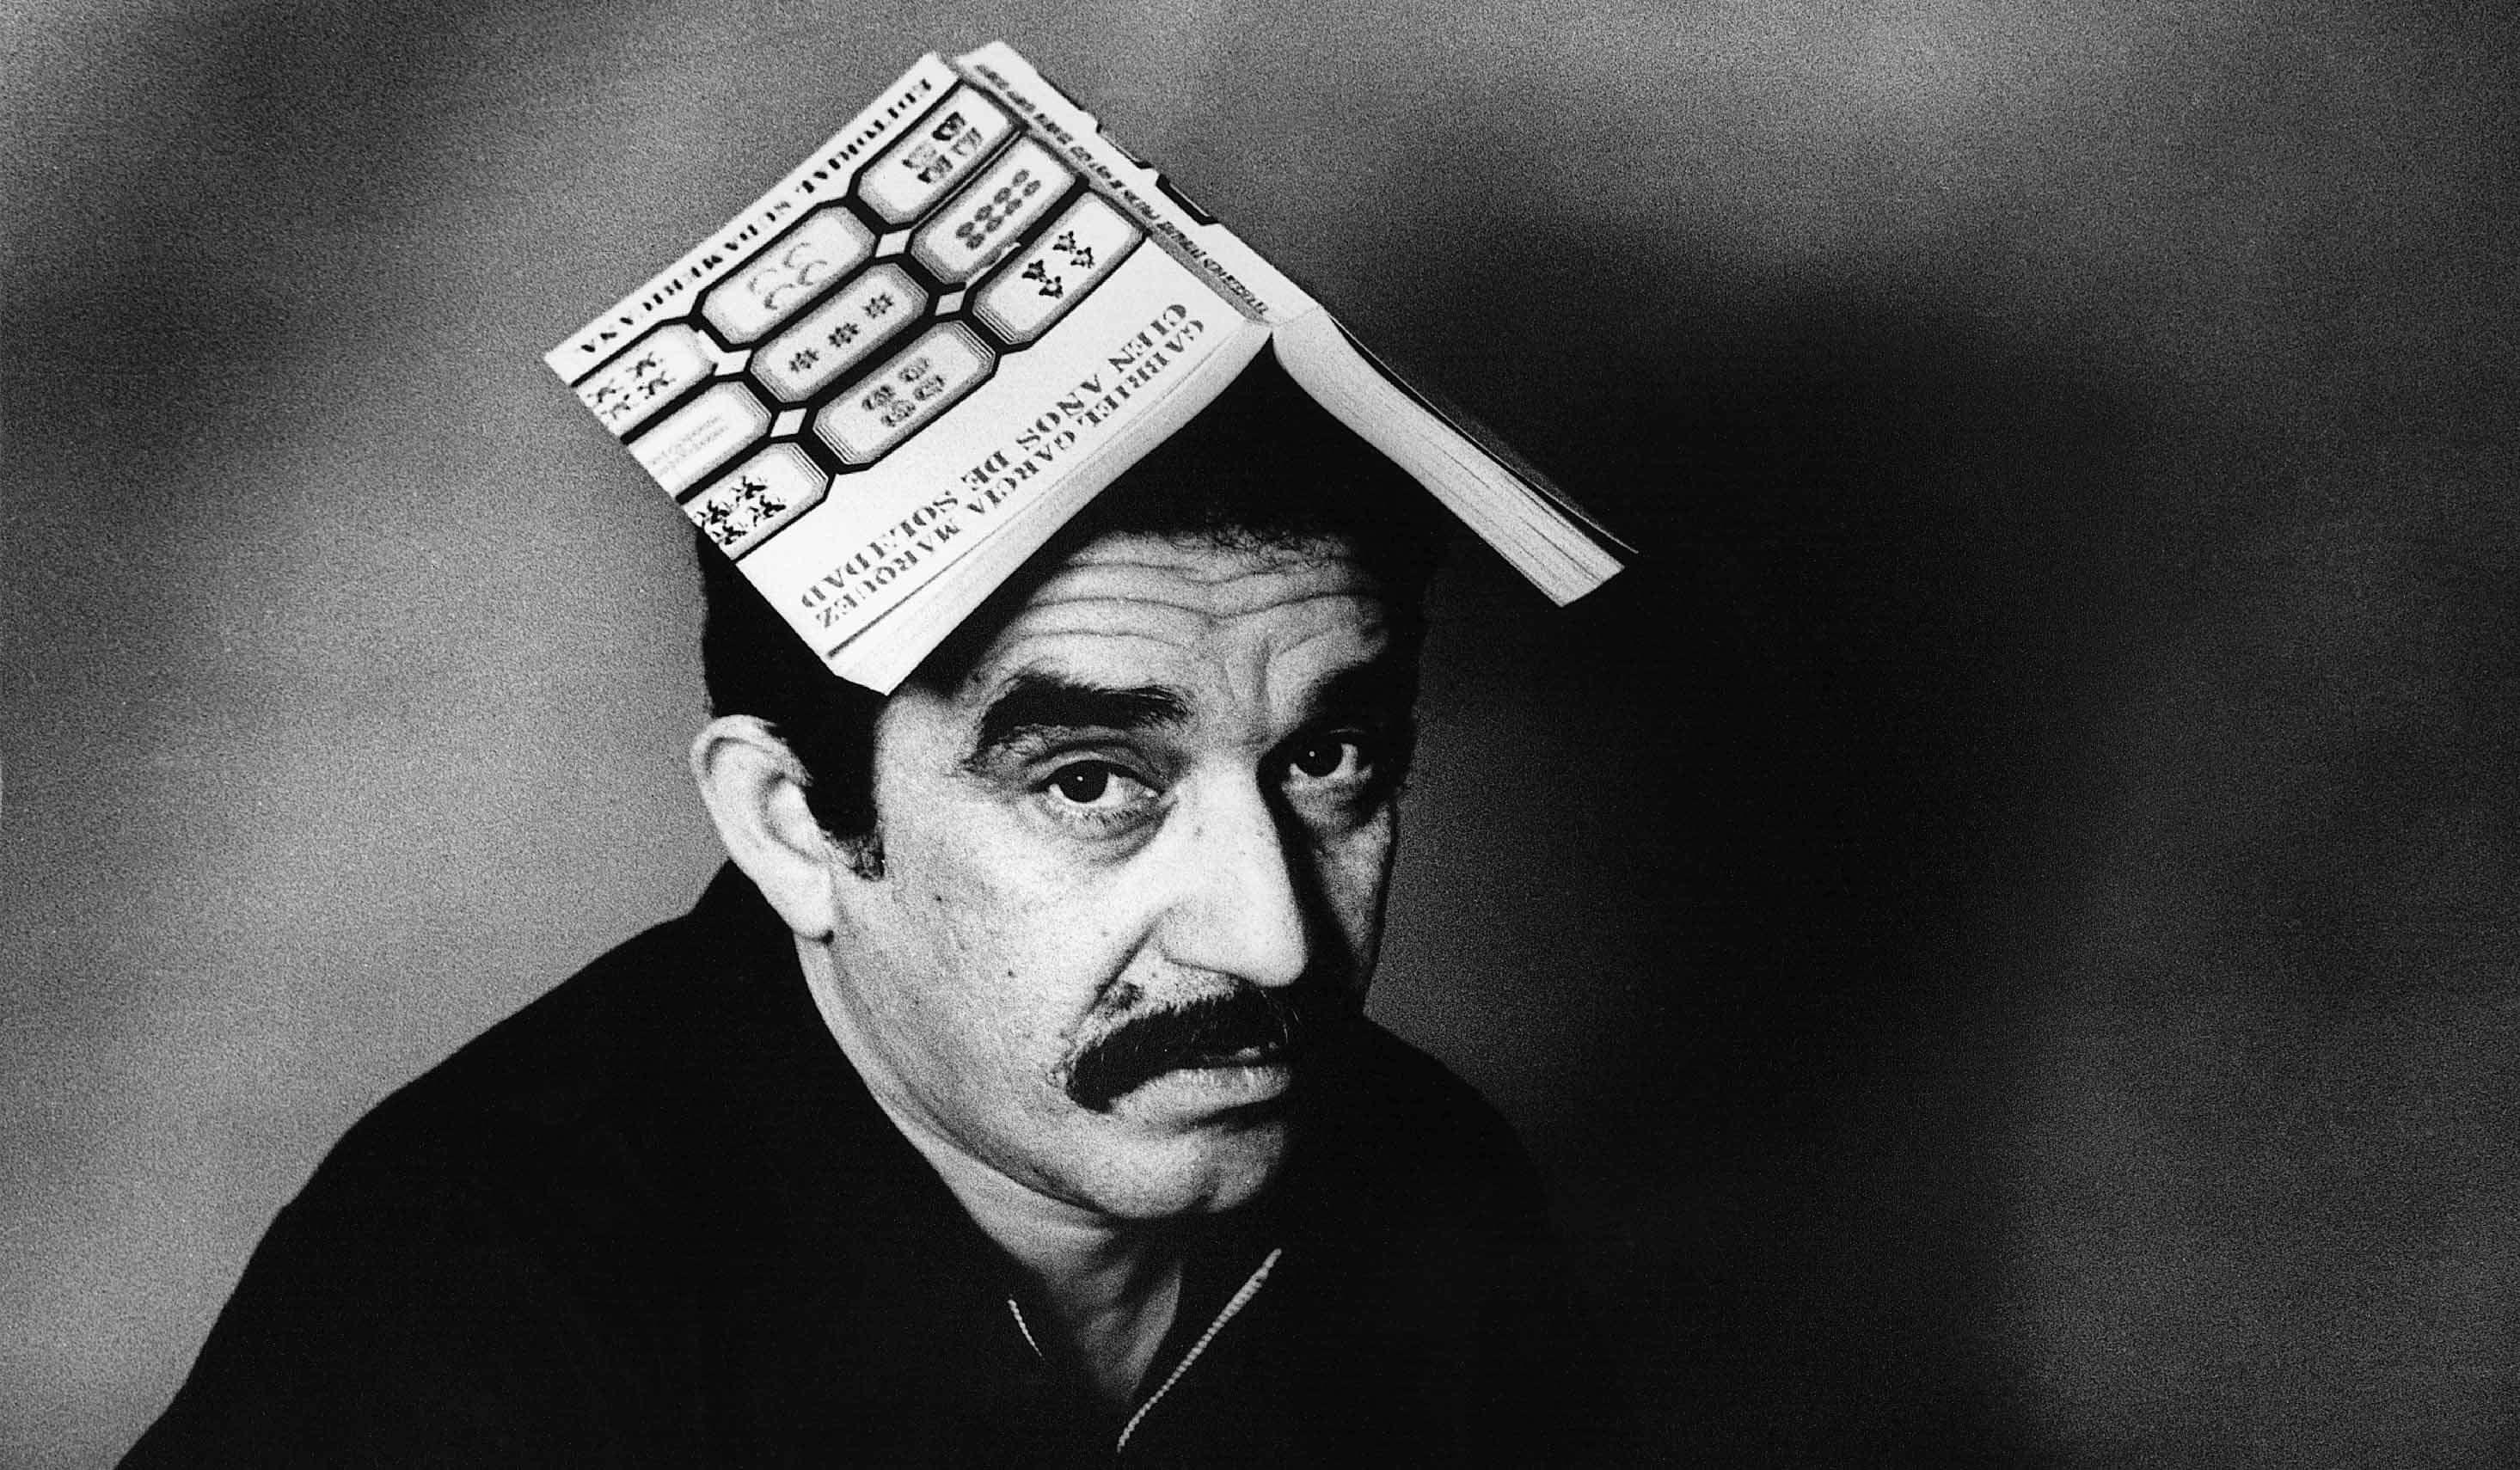 اولین رمانی که باید از گابریل گارسیا مارکز خواند